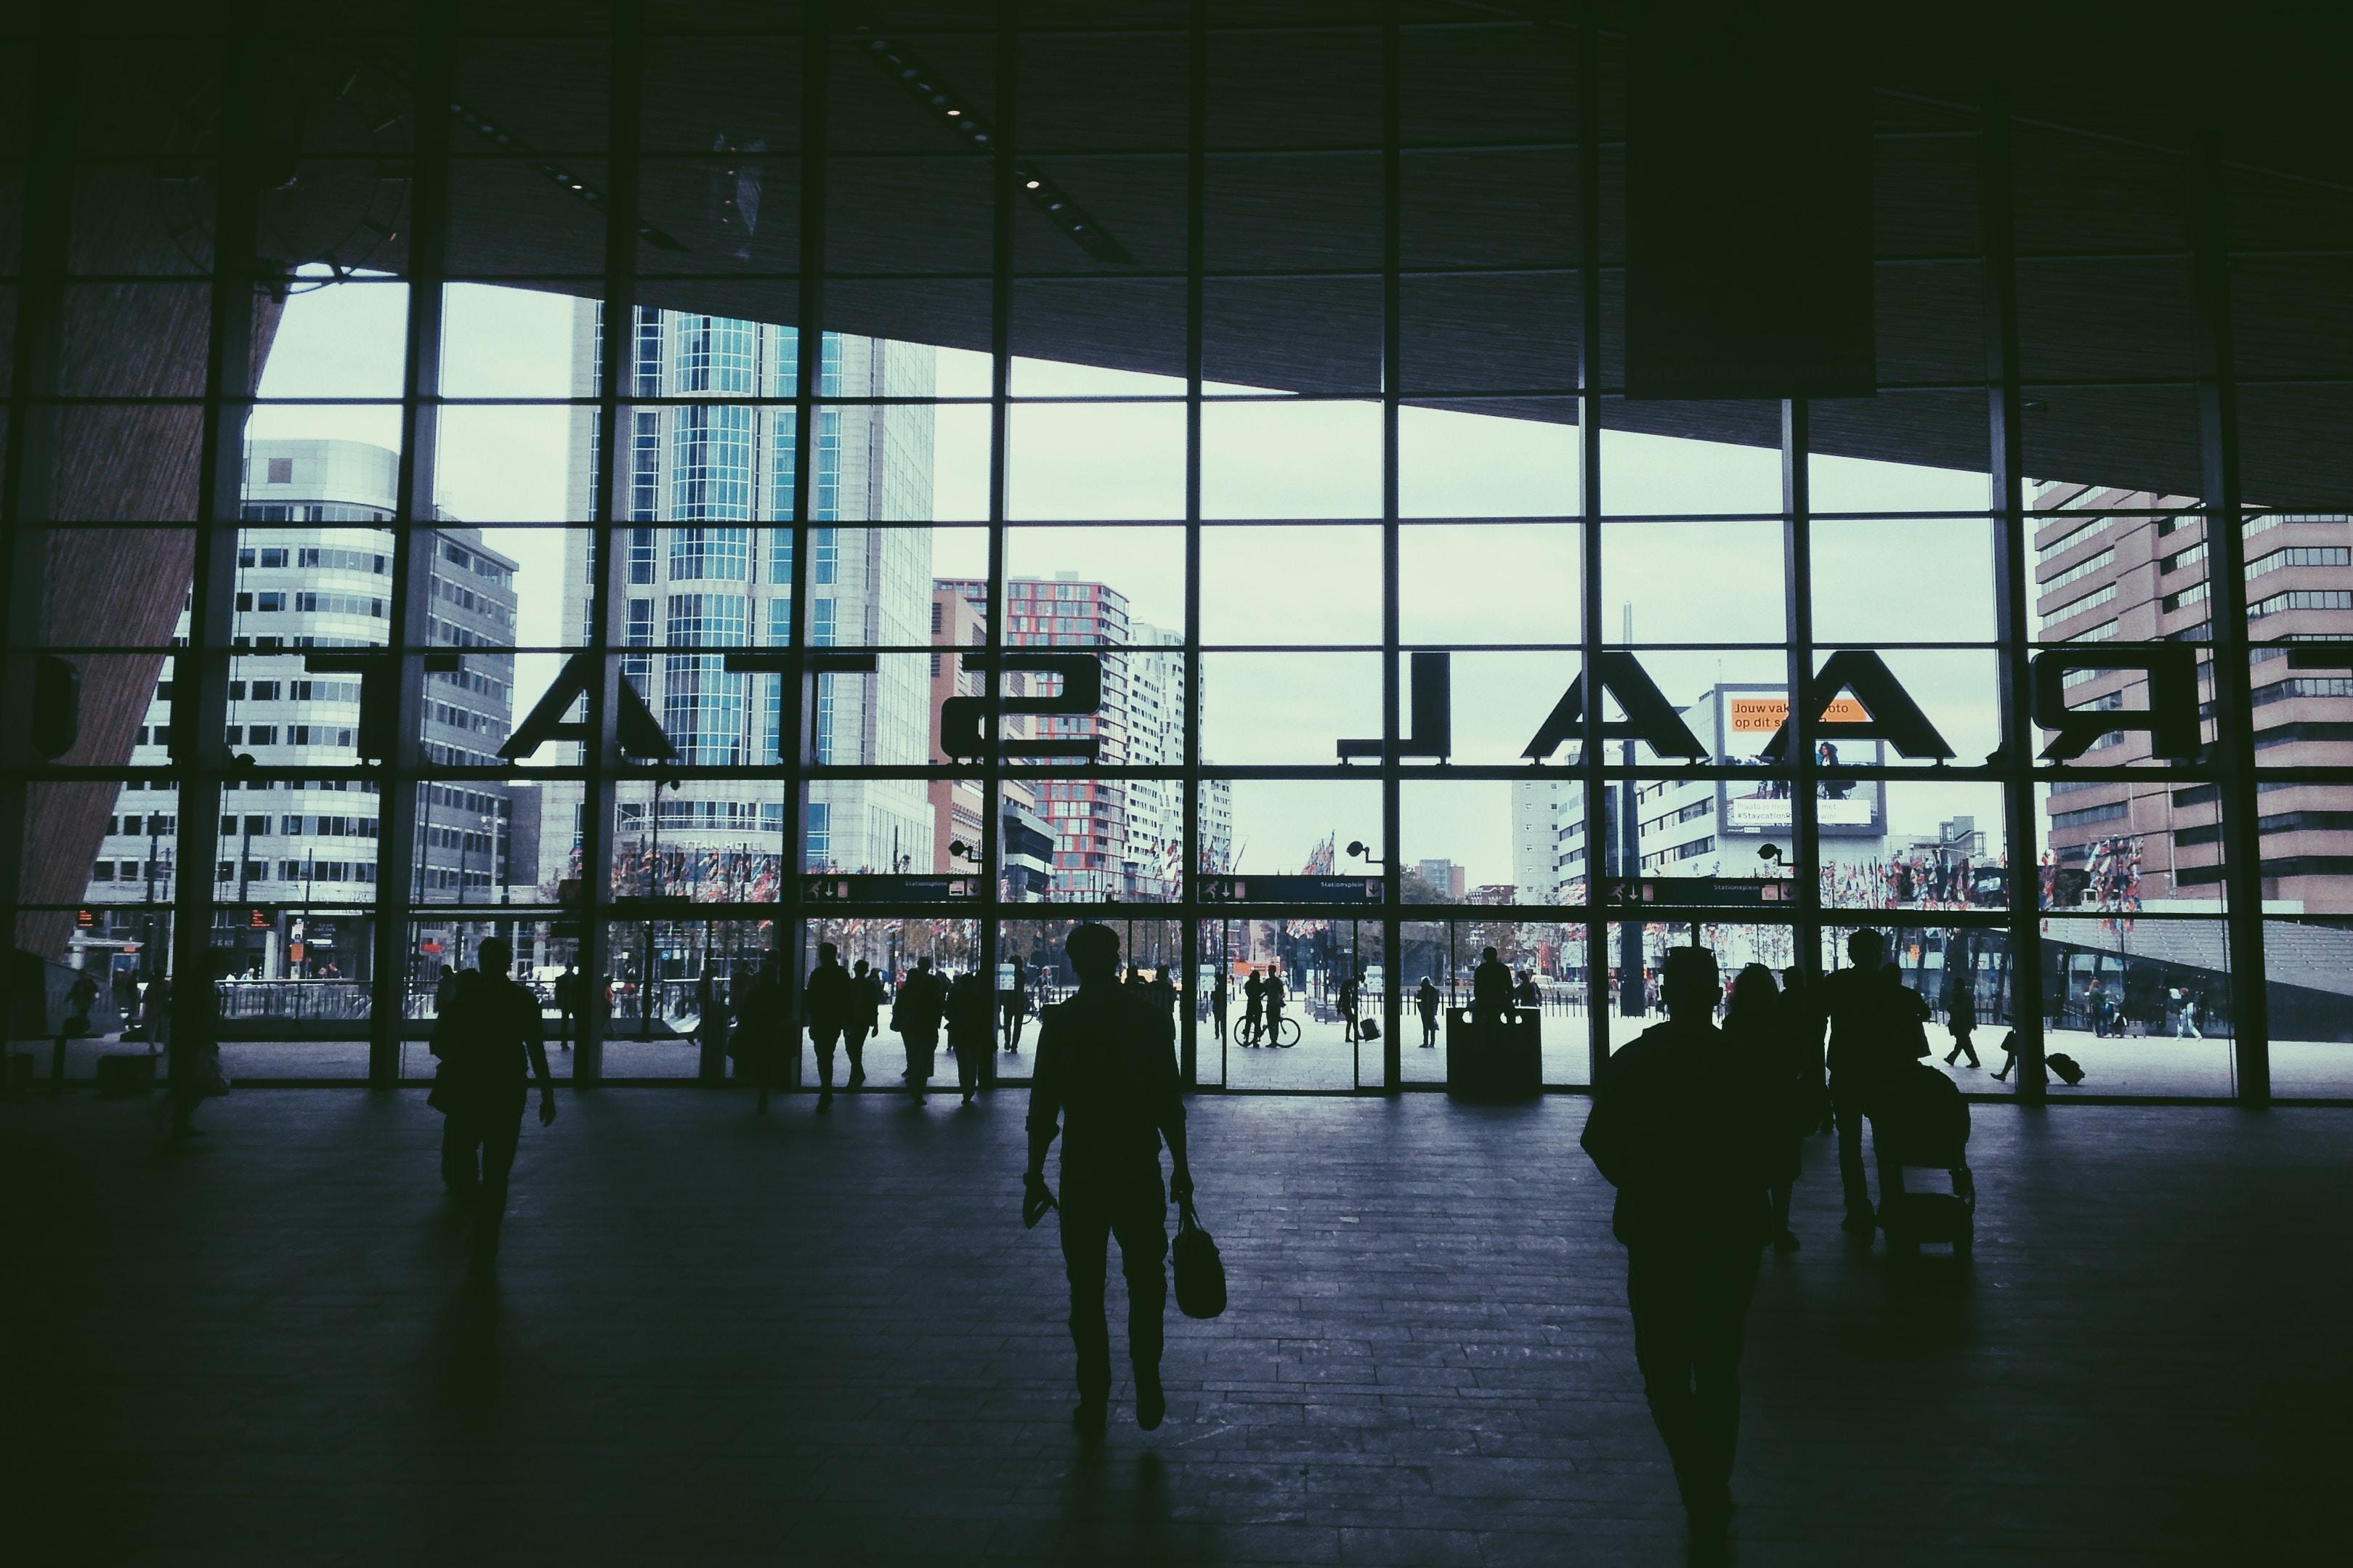 silhouette of people walking inside Raal Stat building